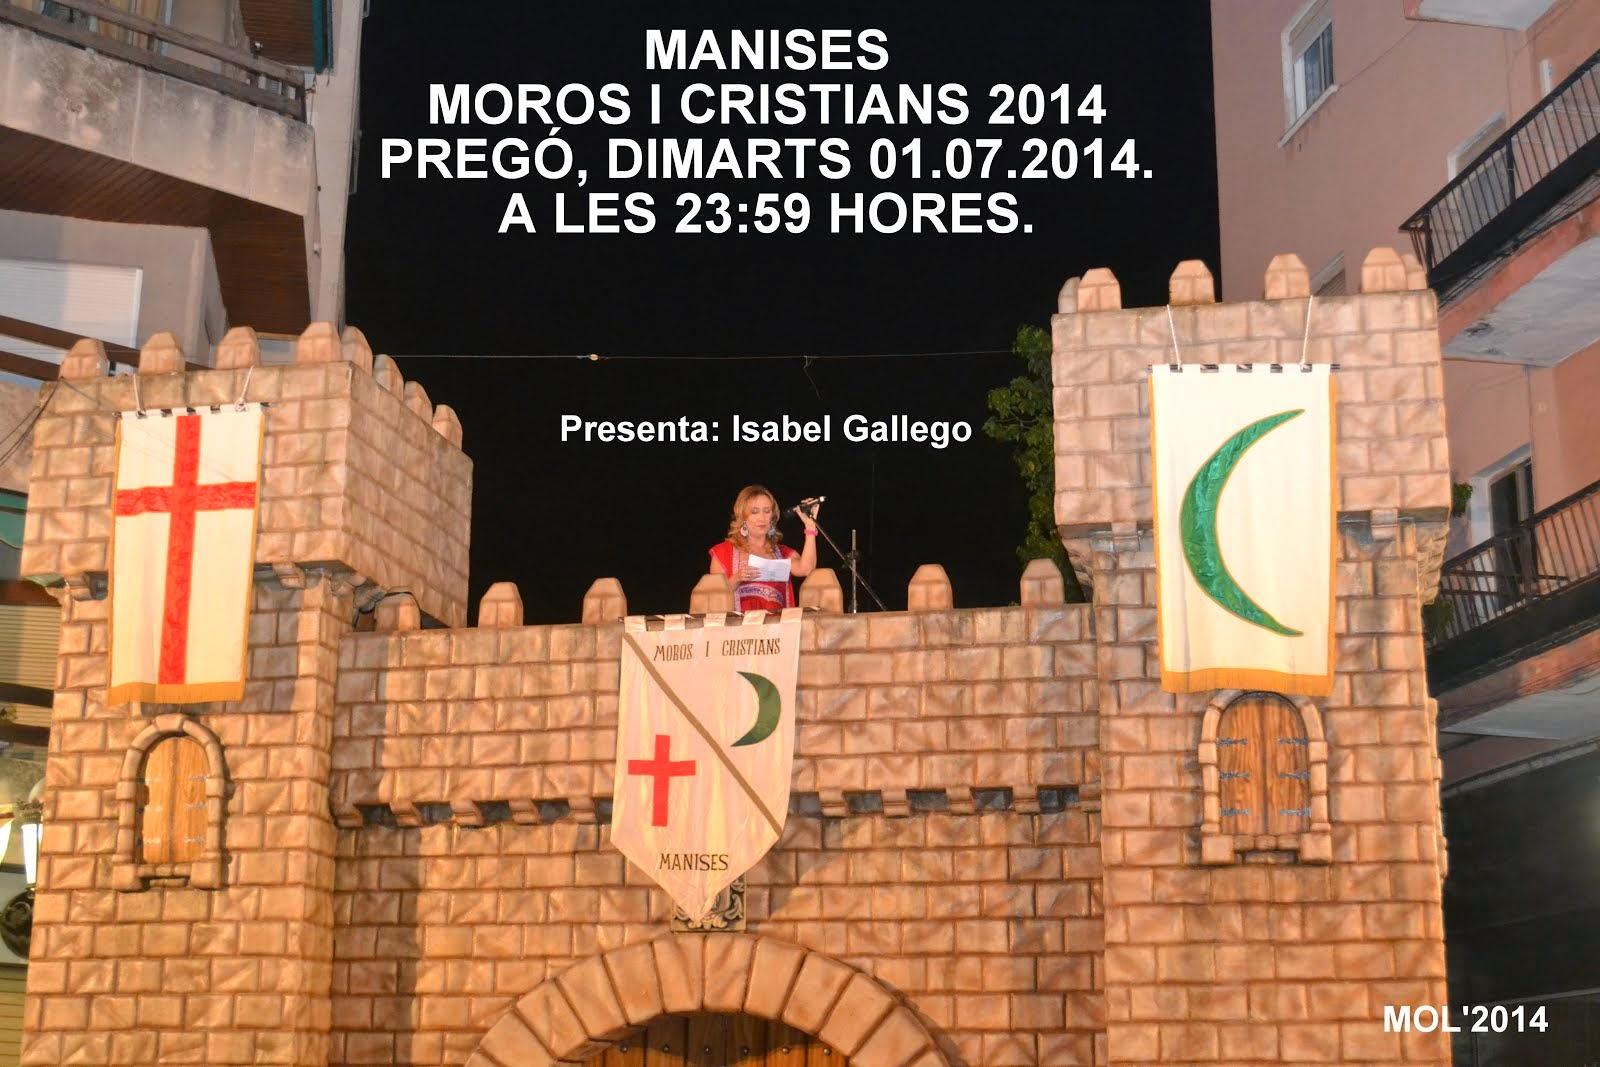 PREGÓN DE LAS FIESTAS DE MOROS I CRISTIANS DE 2014